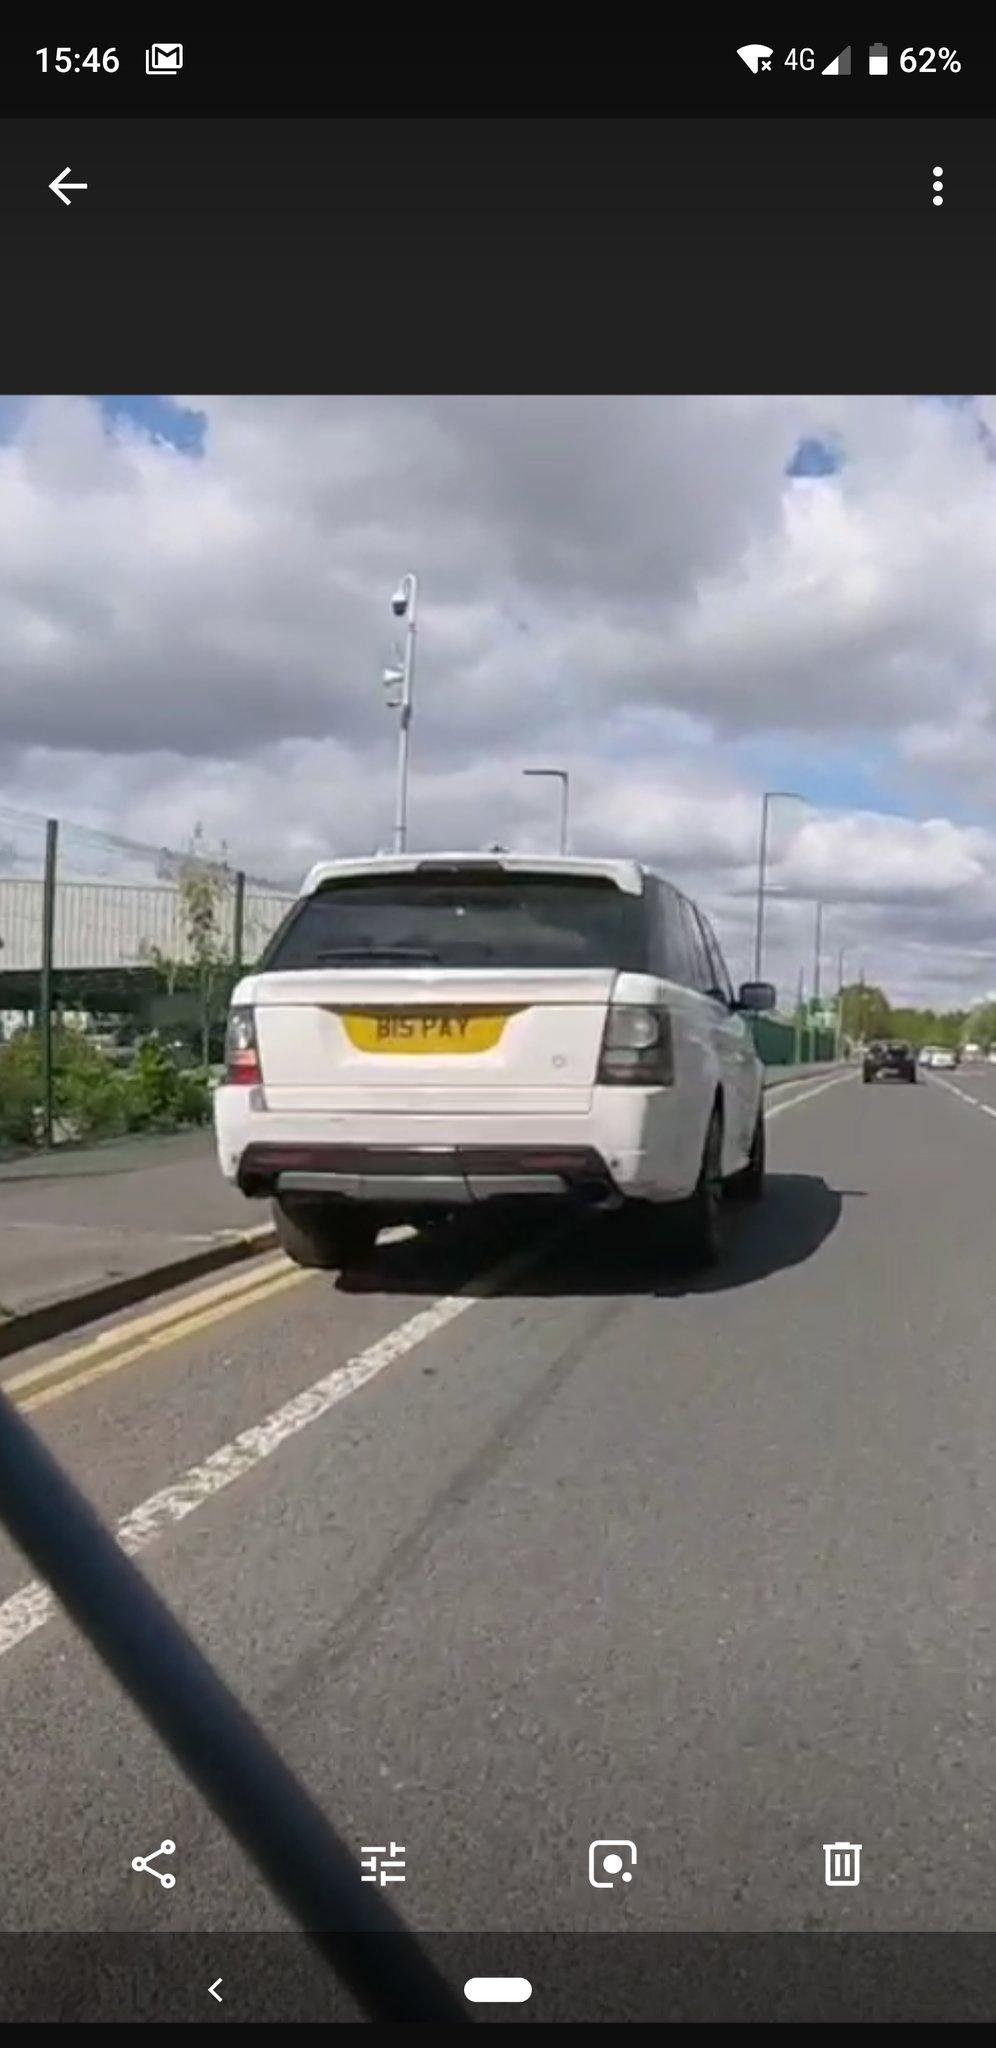 B15 PAY displaying Selfish Parking